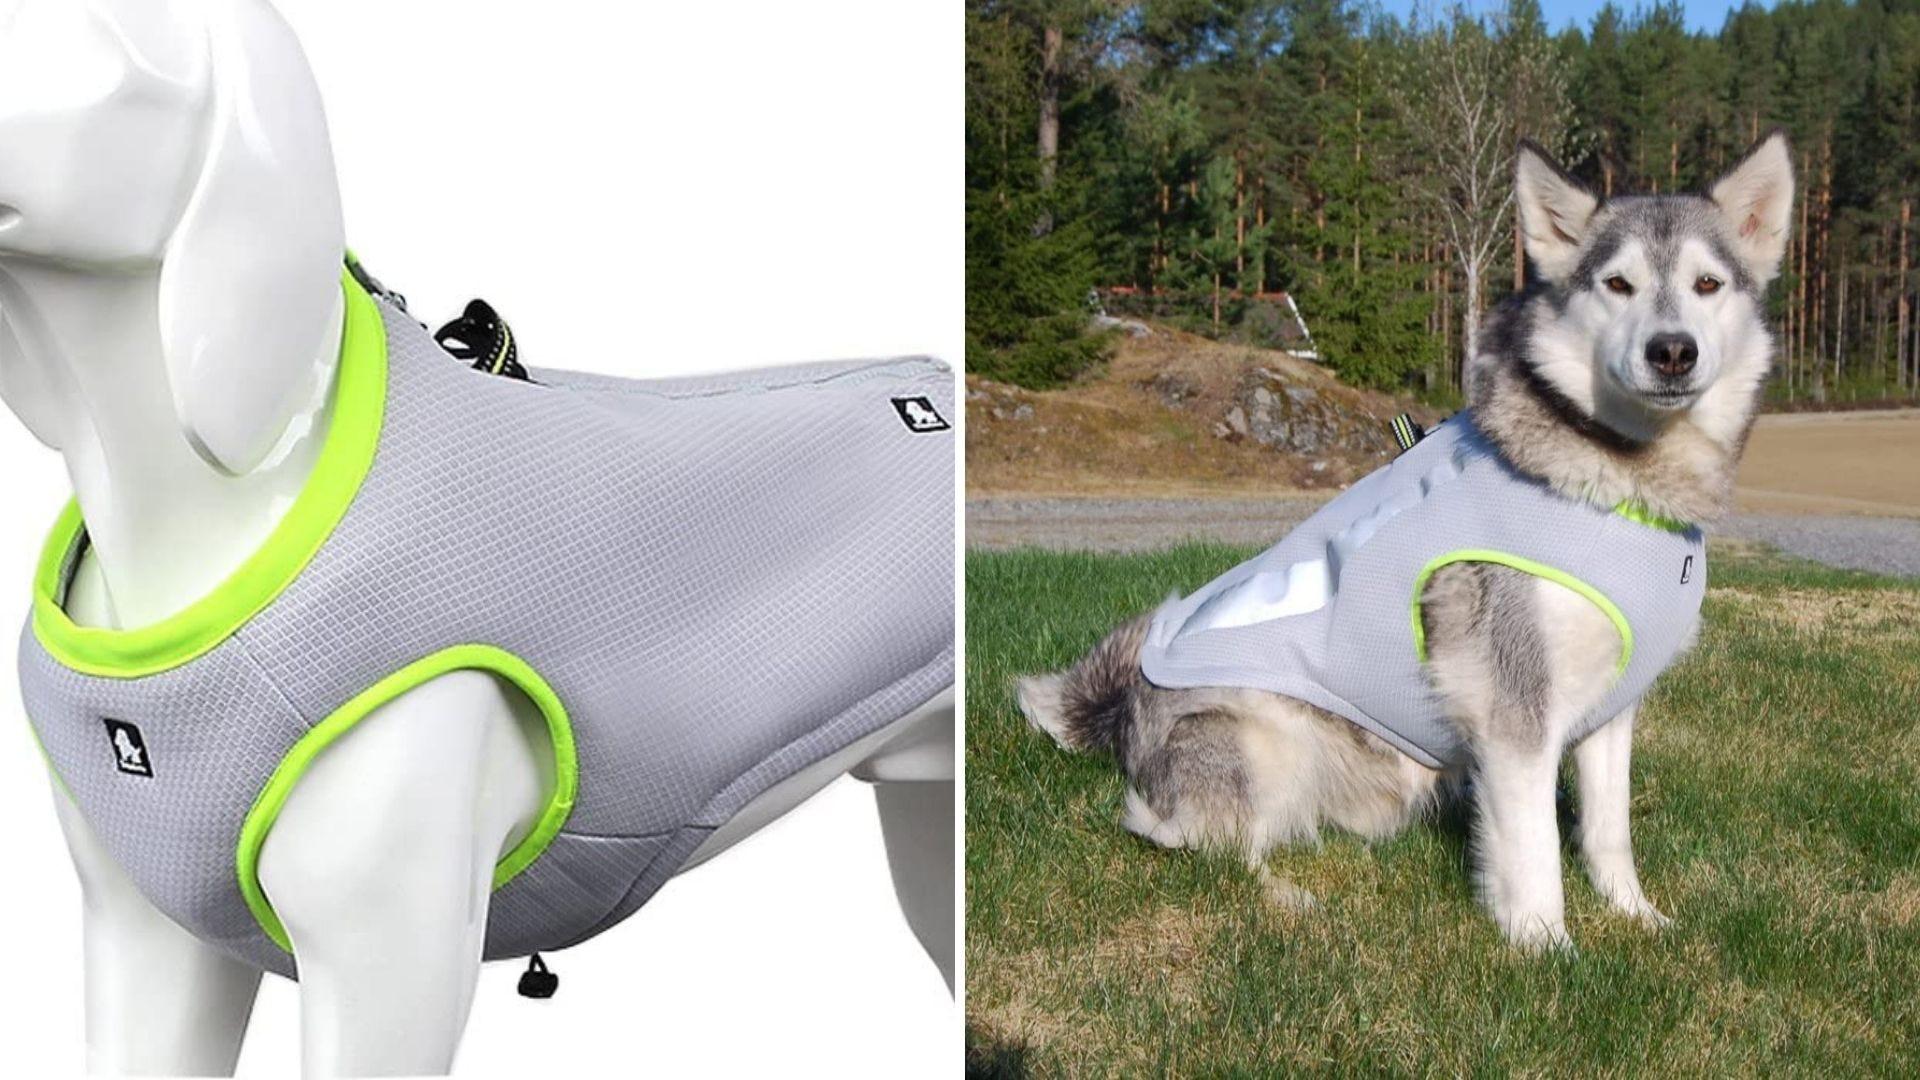 Un maniquí de perro usa un chaleco gris y verde y un perro usa el mismo chaleco.